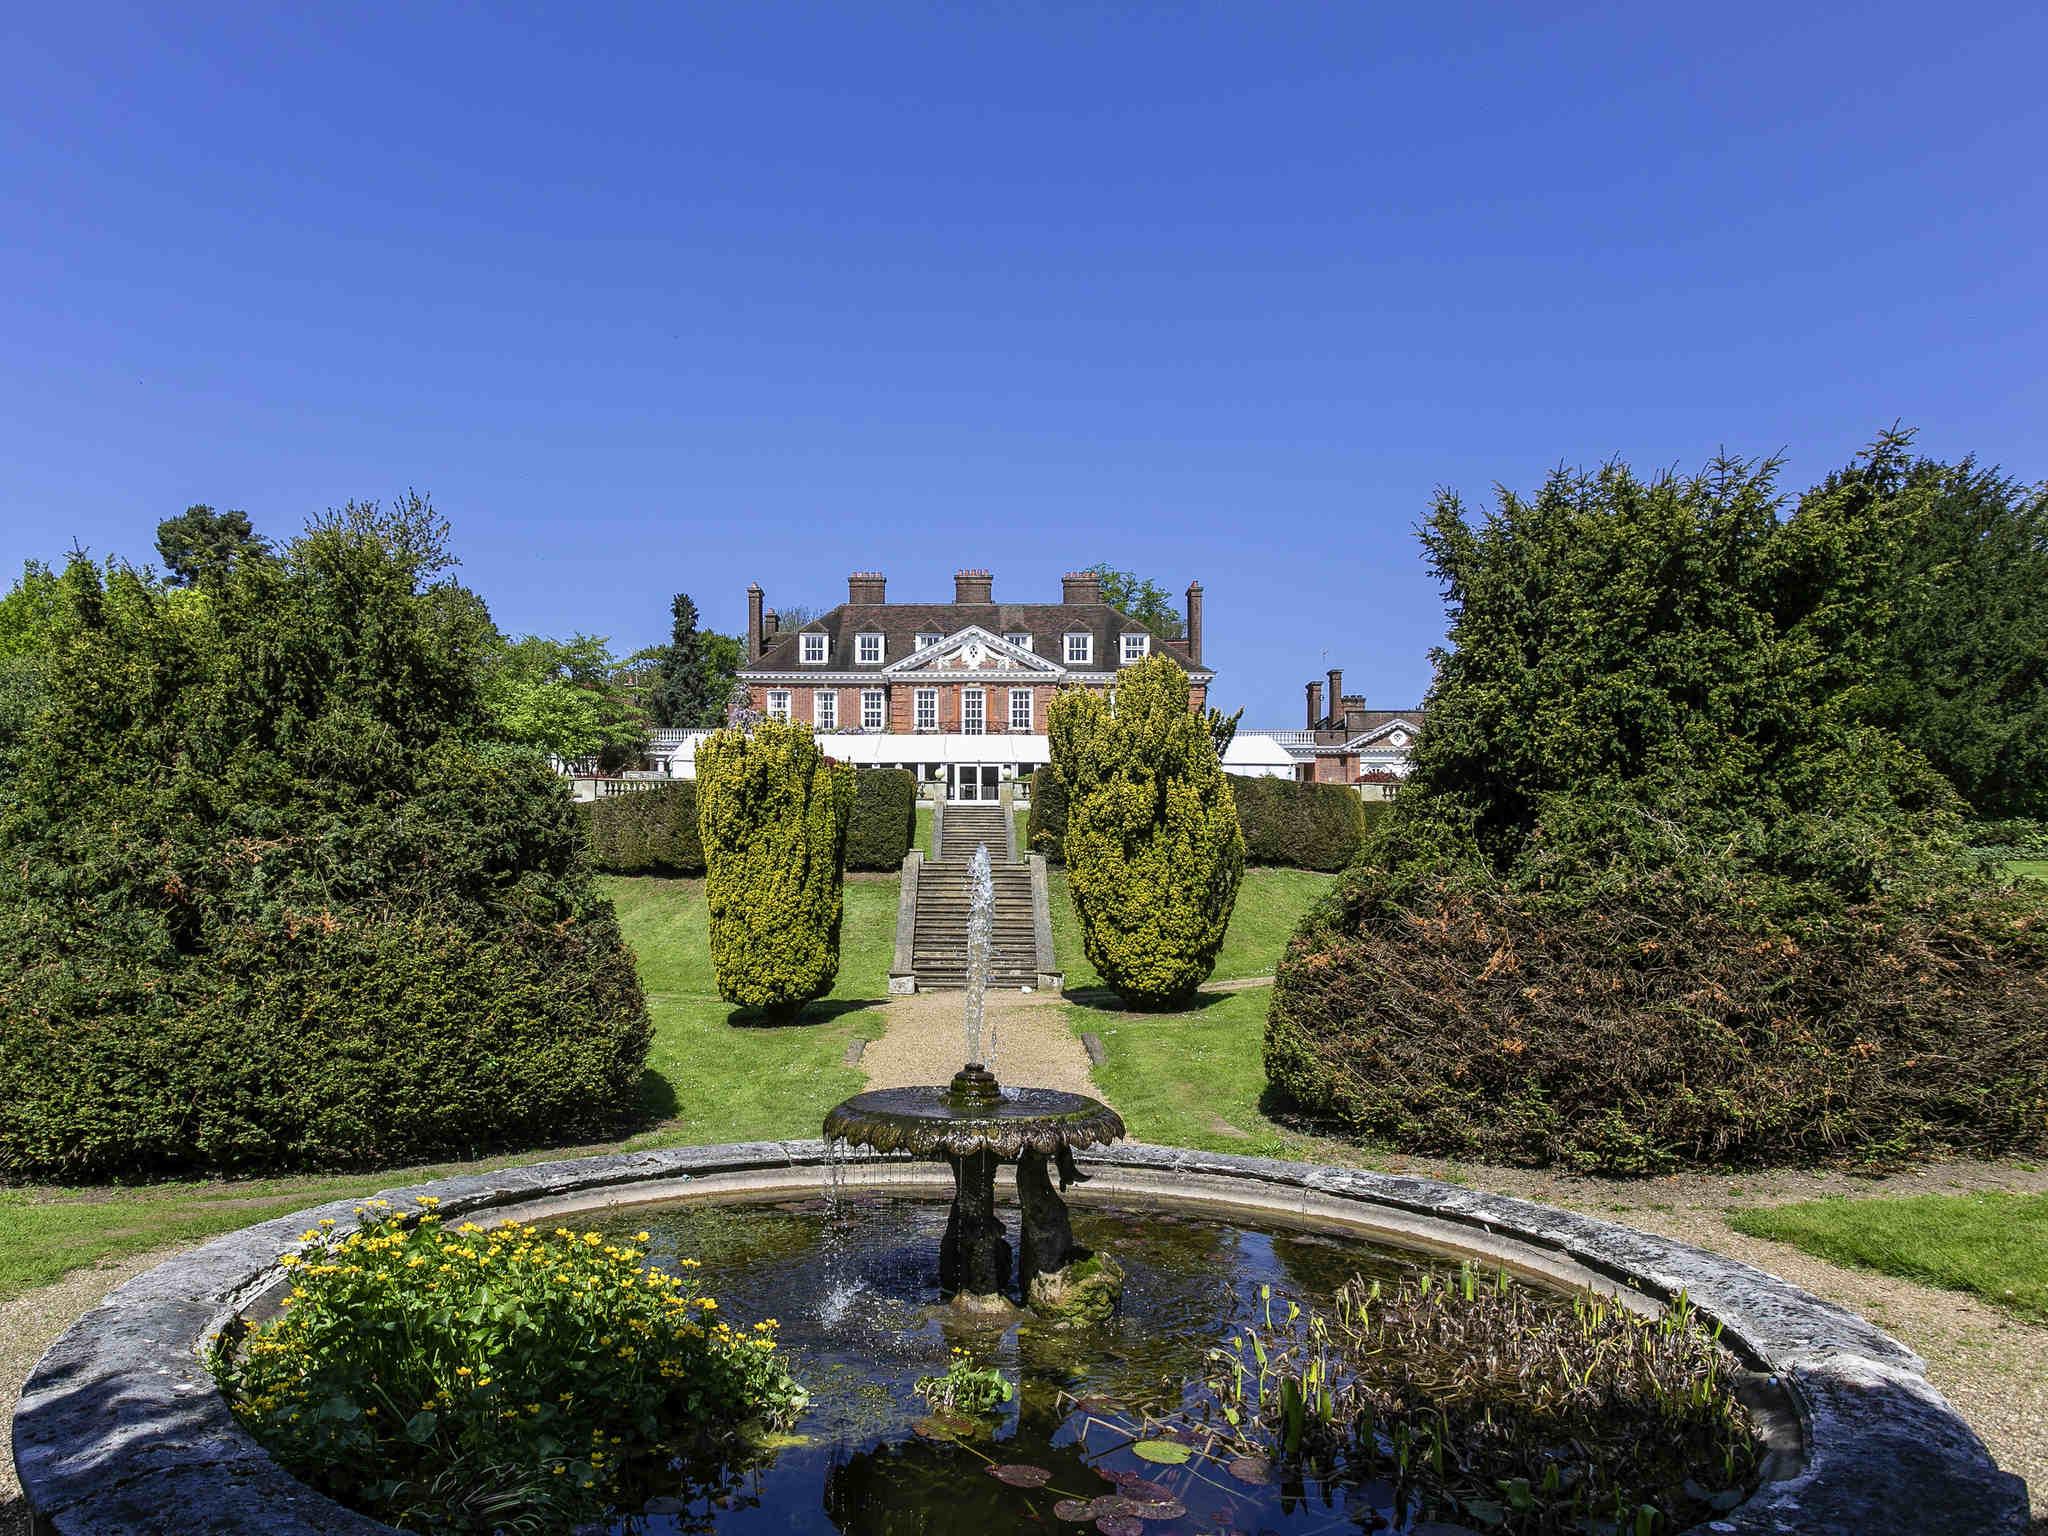 فندق - فندق مركيور Mercure لندن نورث واتفورد هانتن بارك